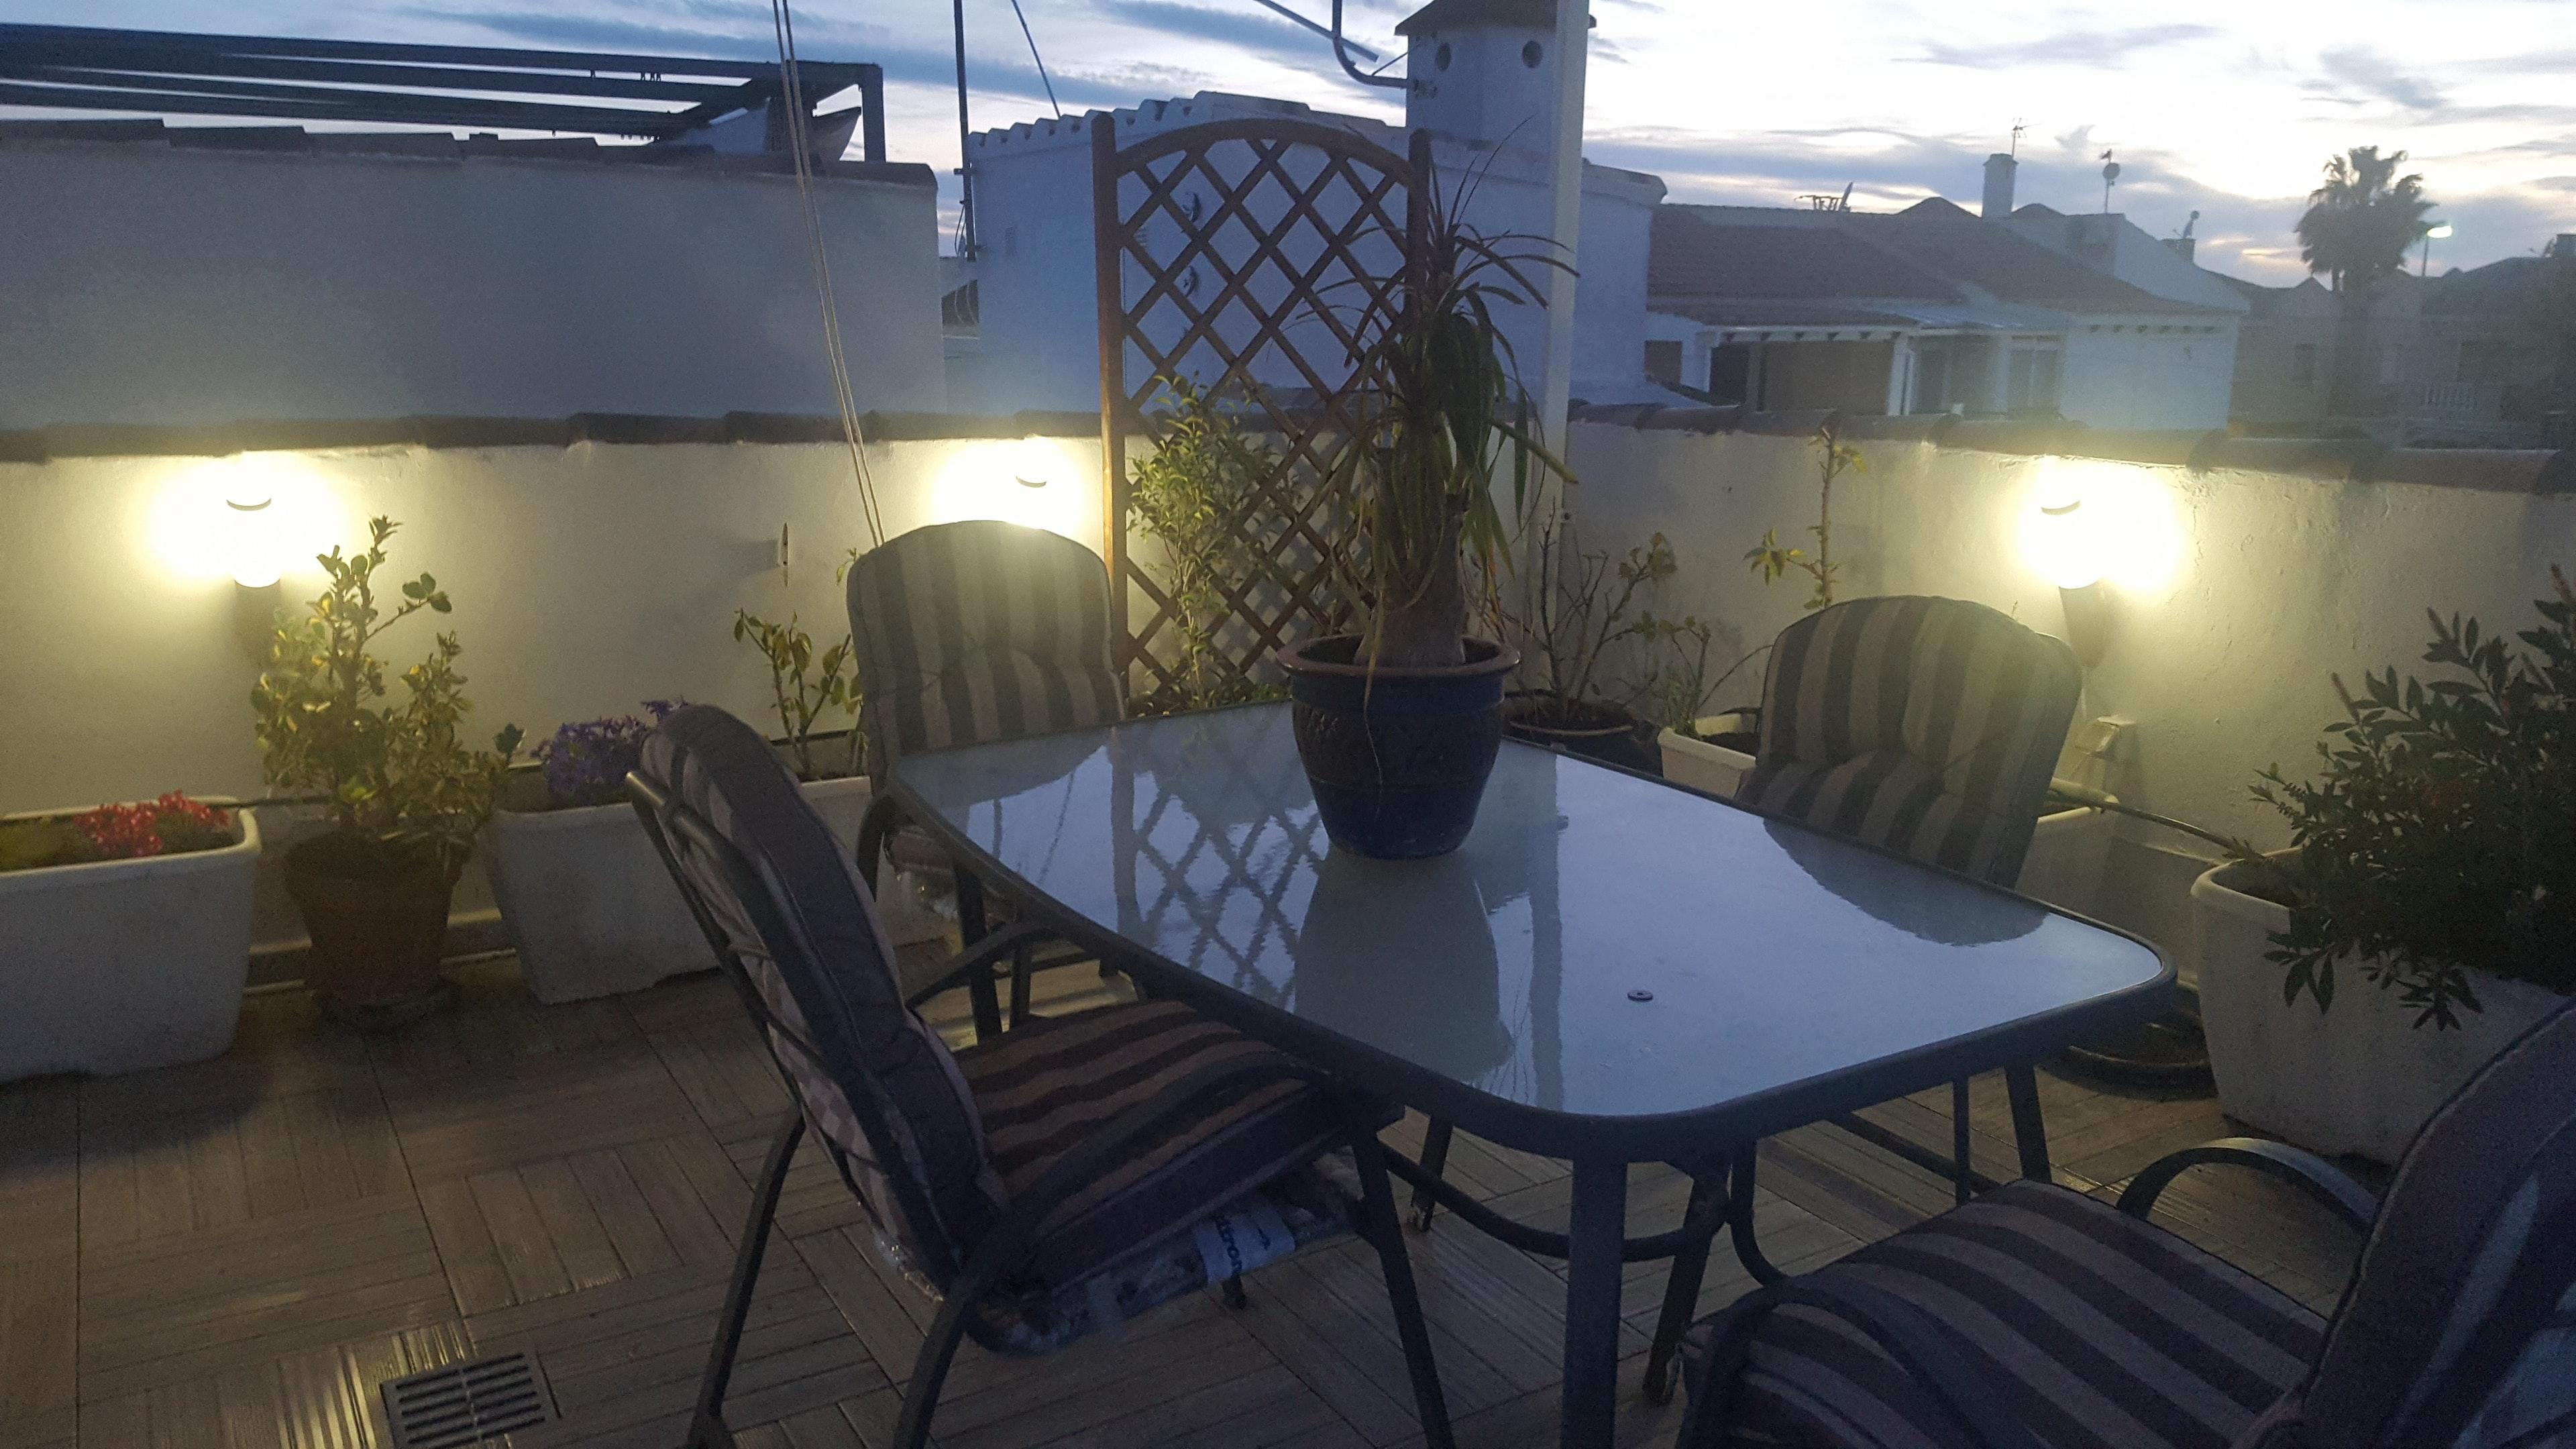 Ferienhaus Haus mit 2 Schlafzimmern in Torrevieja mit Pool, möbliertem Garten und W-LAN (2202043), Torrevieja, Costa Blanca, Valencia, Spanien, Bild 23